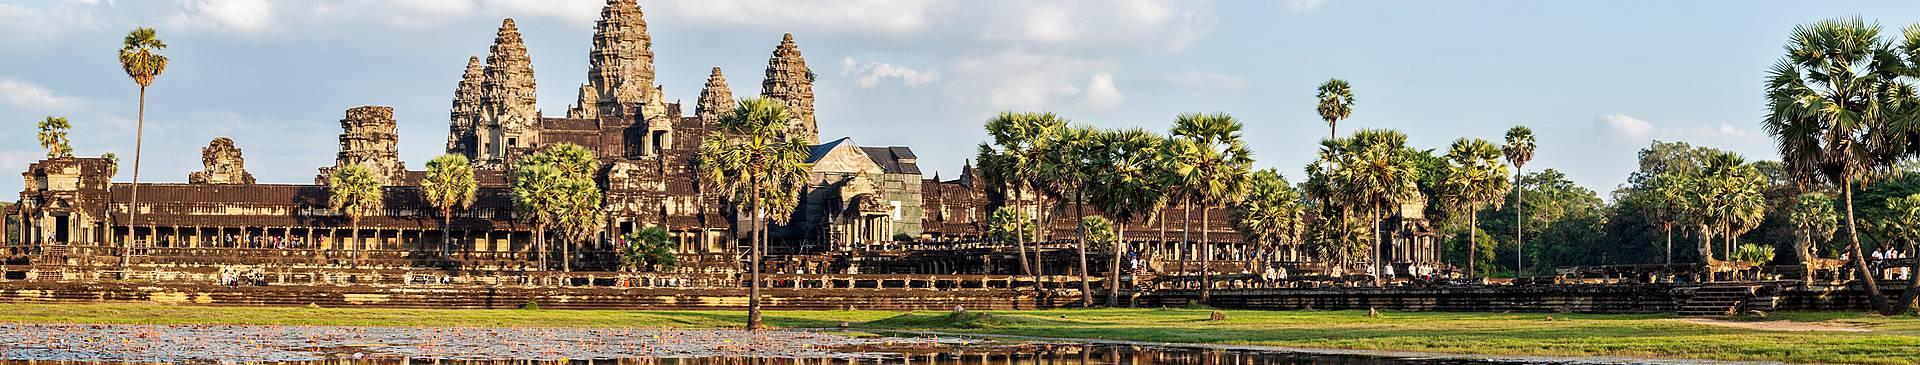 Cambodia in December